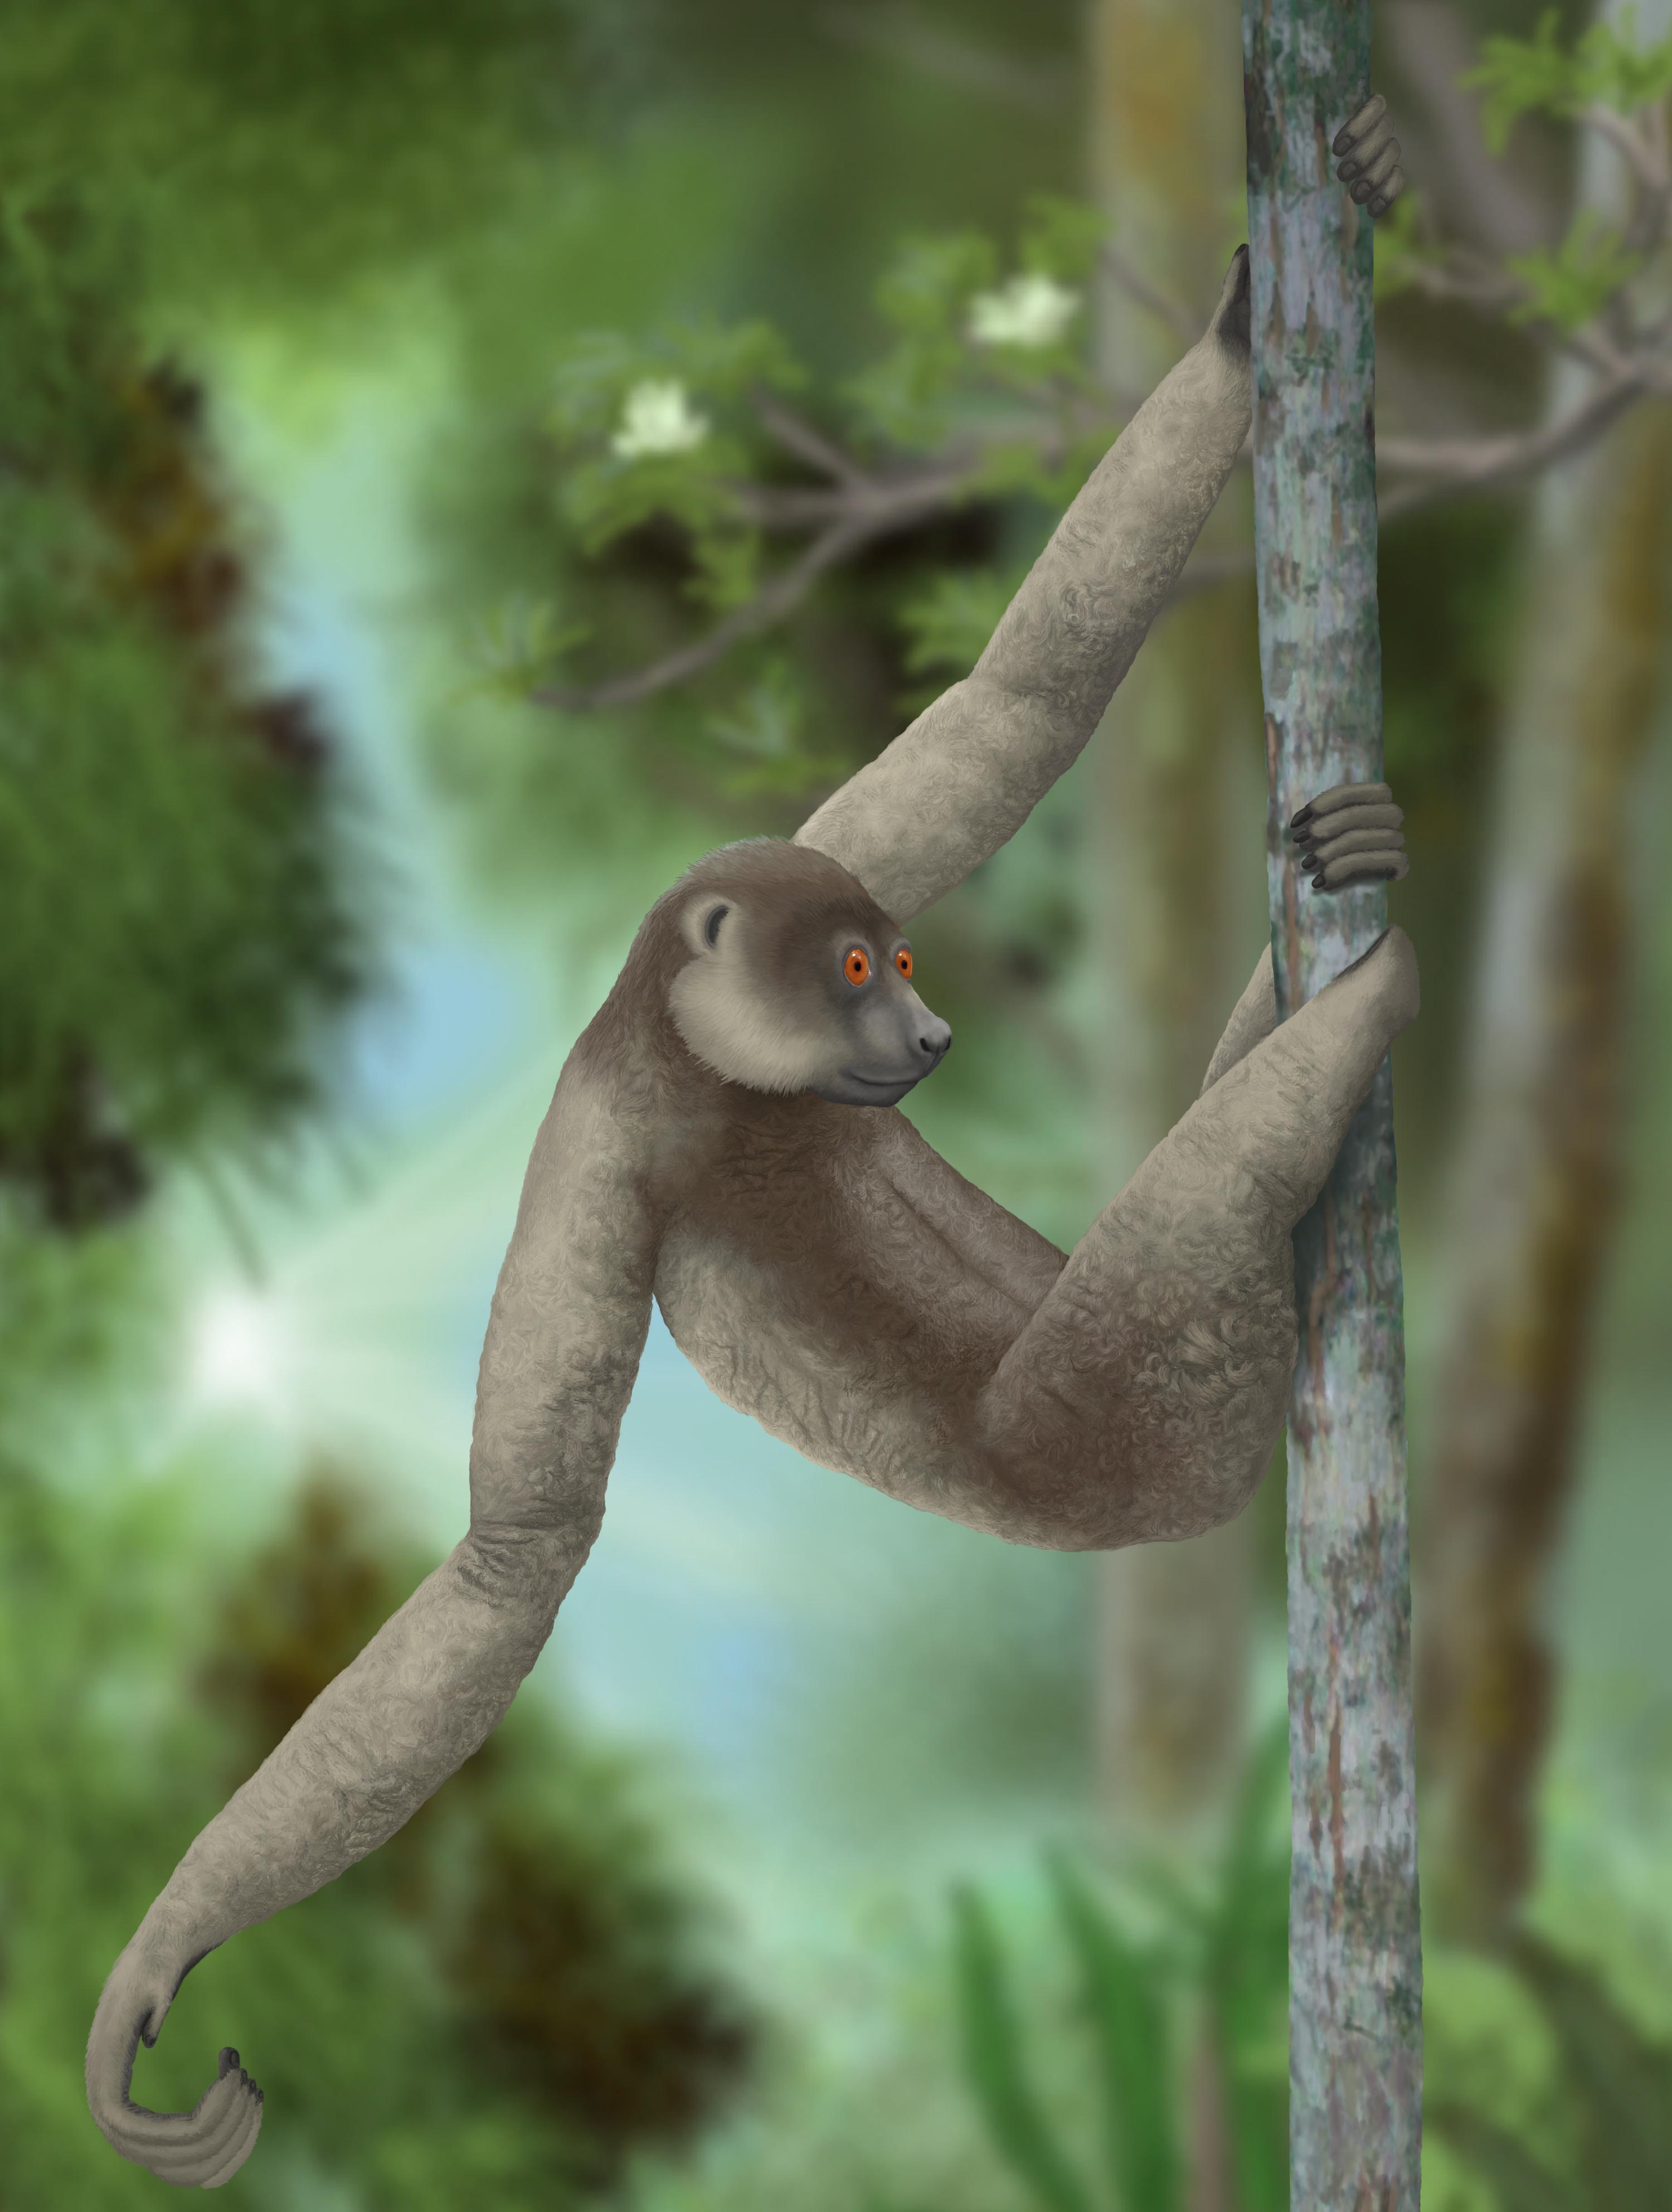 Giant lemurs